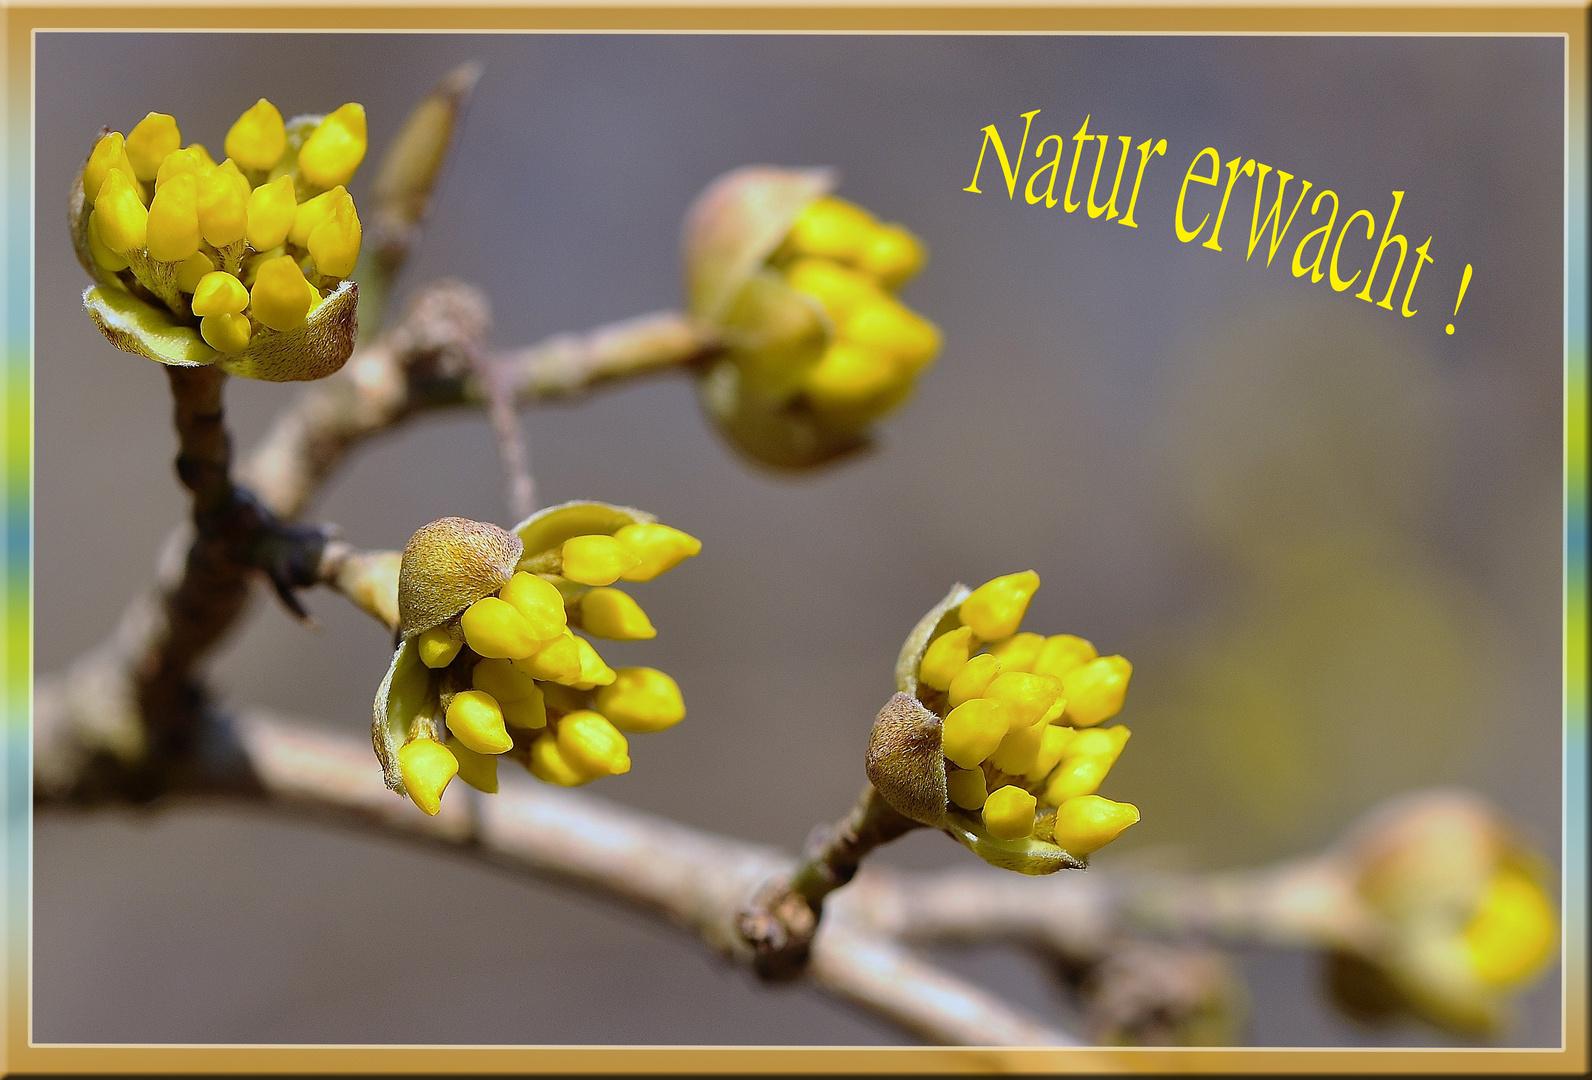 Die Natur erwacht